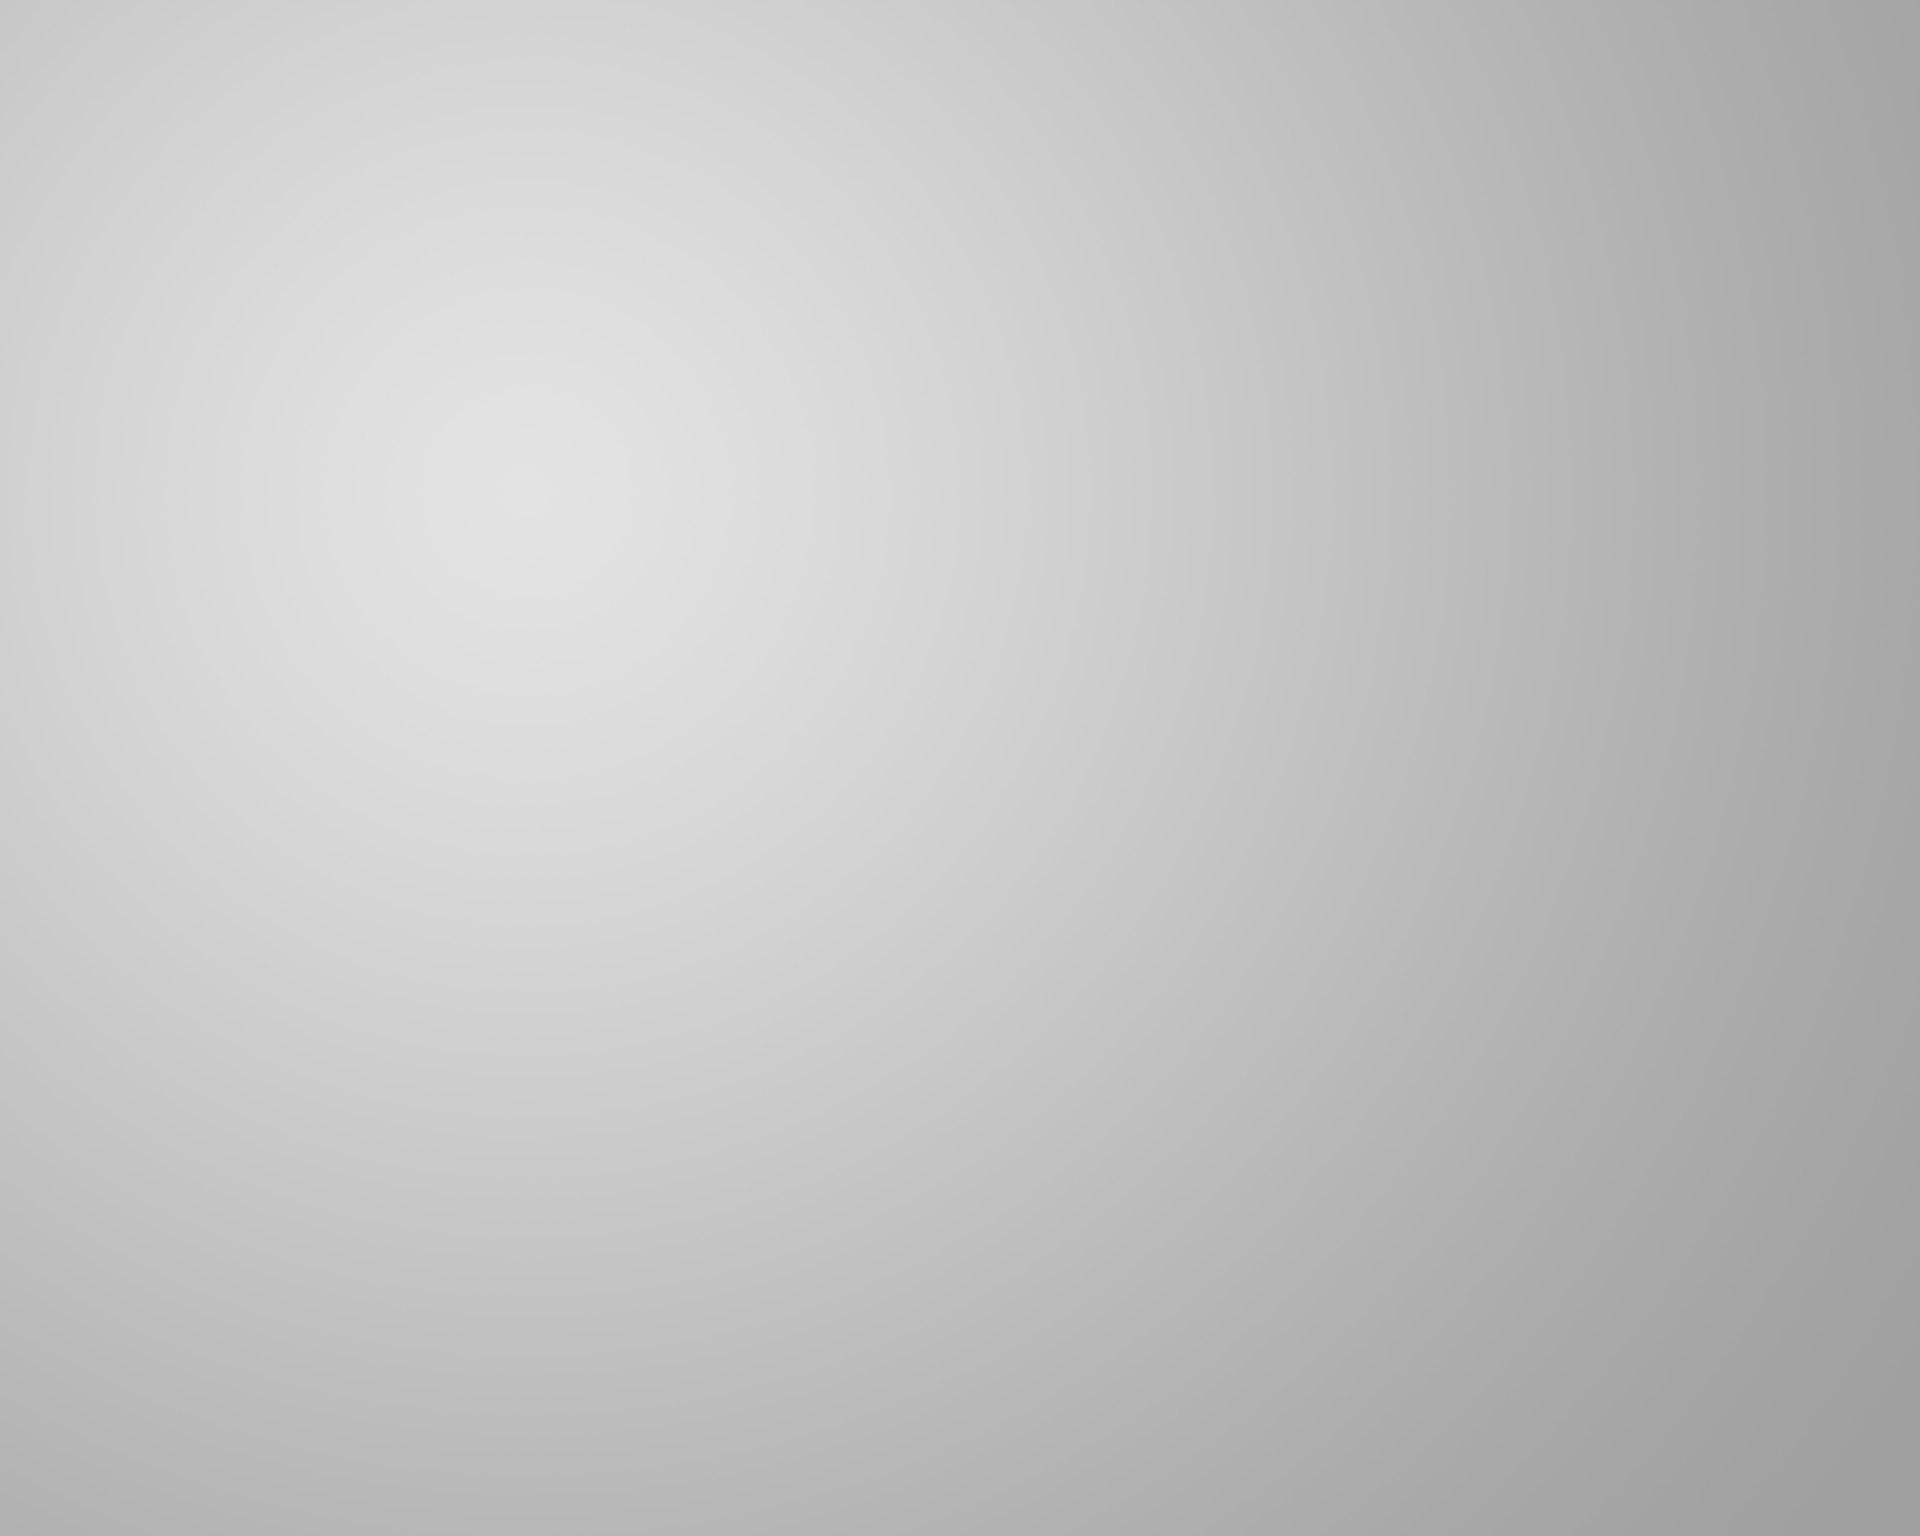 Basic Grey Desktop Wallpaper - WallpaperSafari